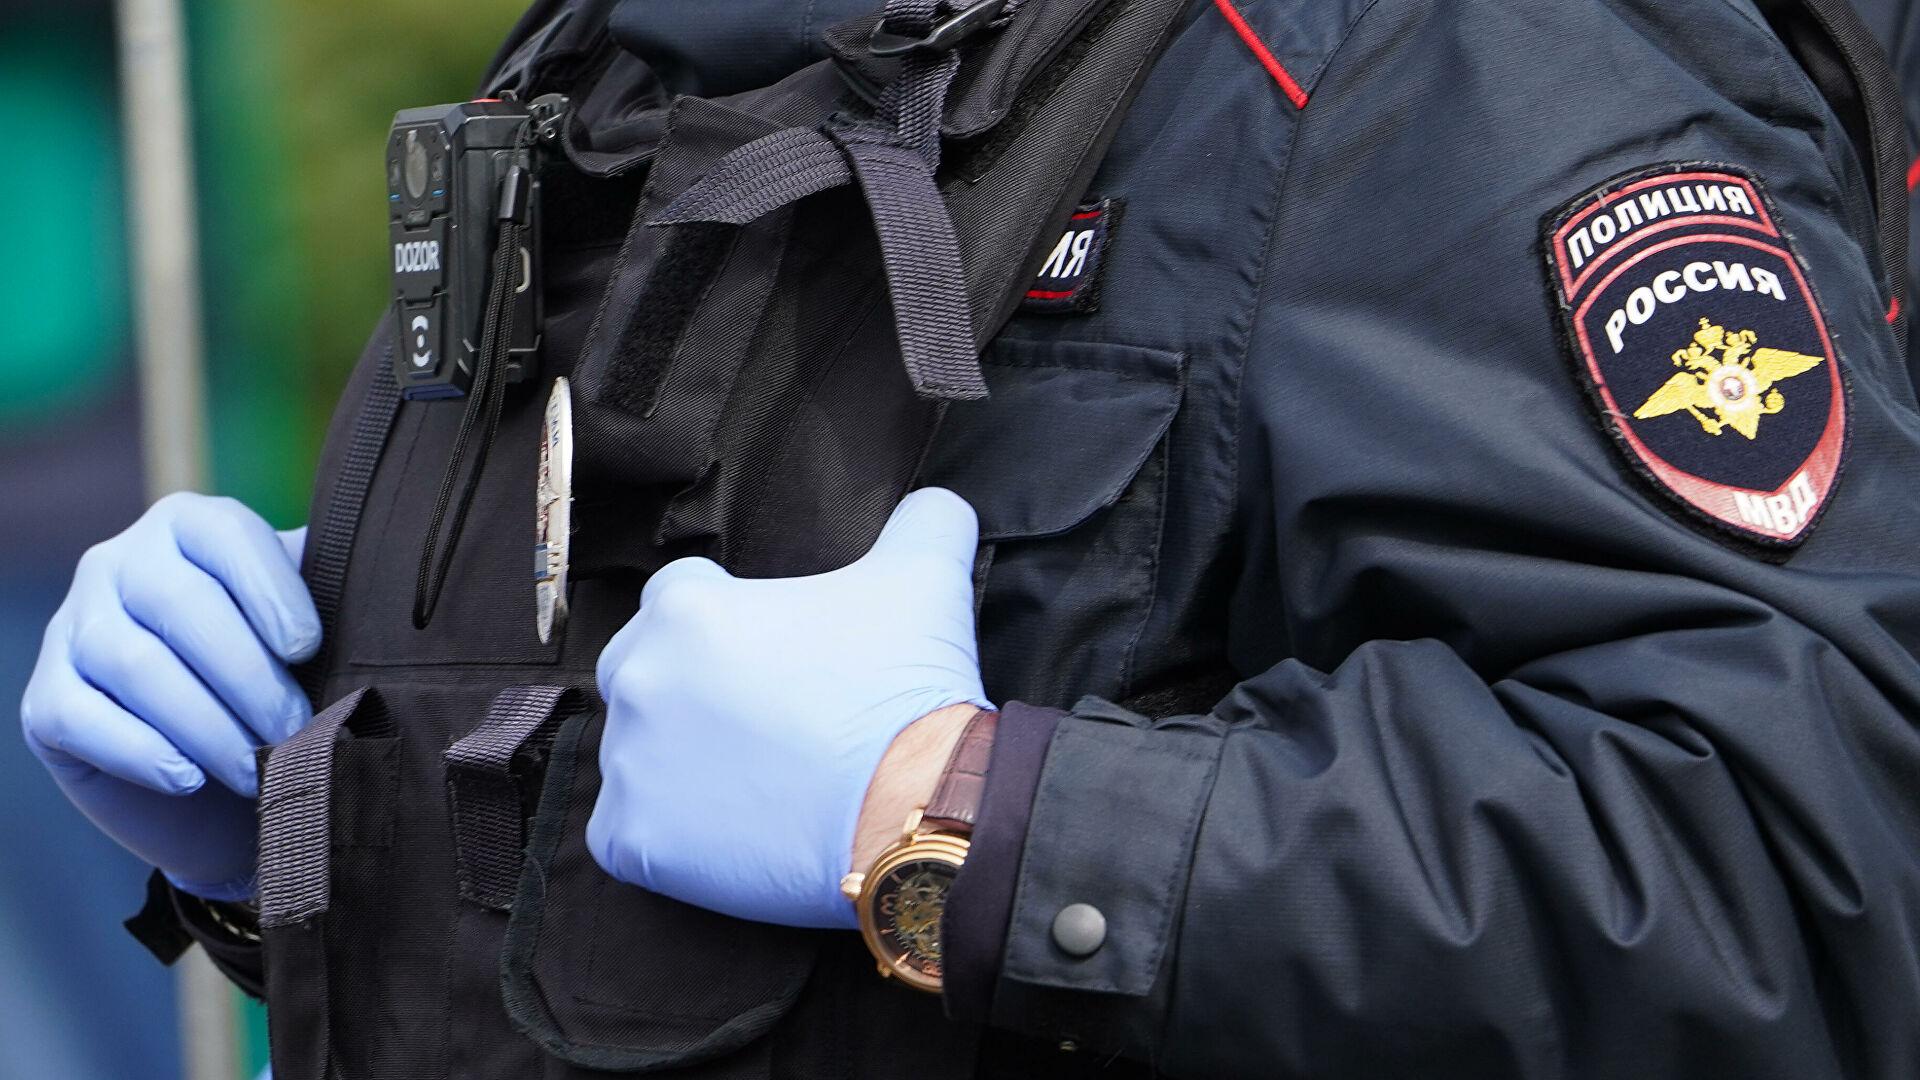 В МВД отметили снижение употребления наркотиков в России